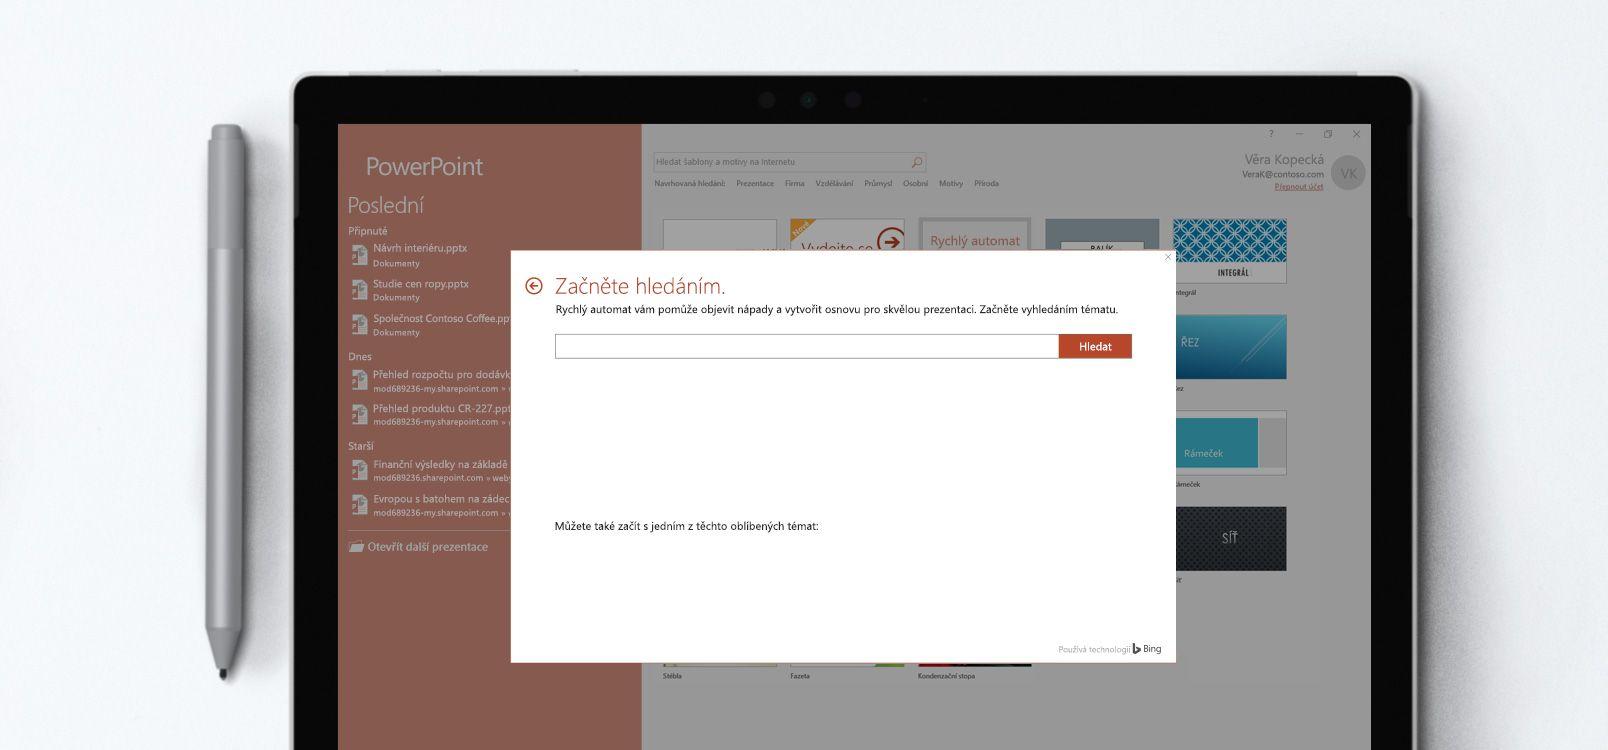 Obrazovka tabletu s powerpointovou prezentací využívající funkci Rychlý automat